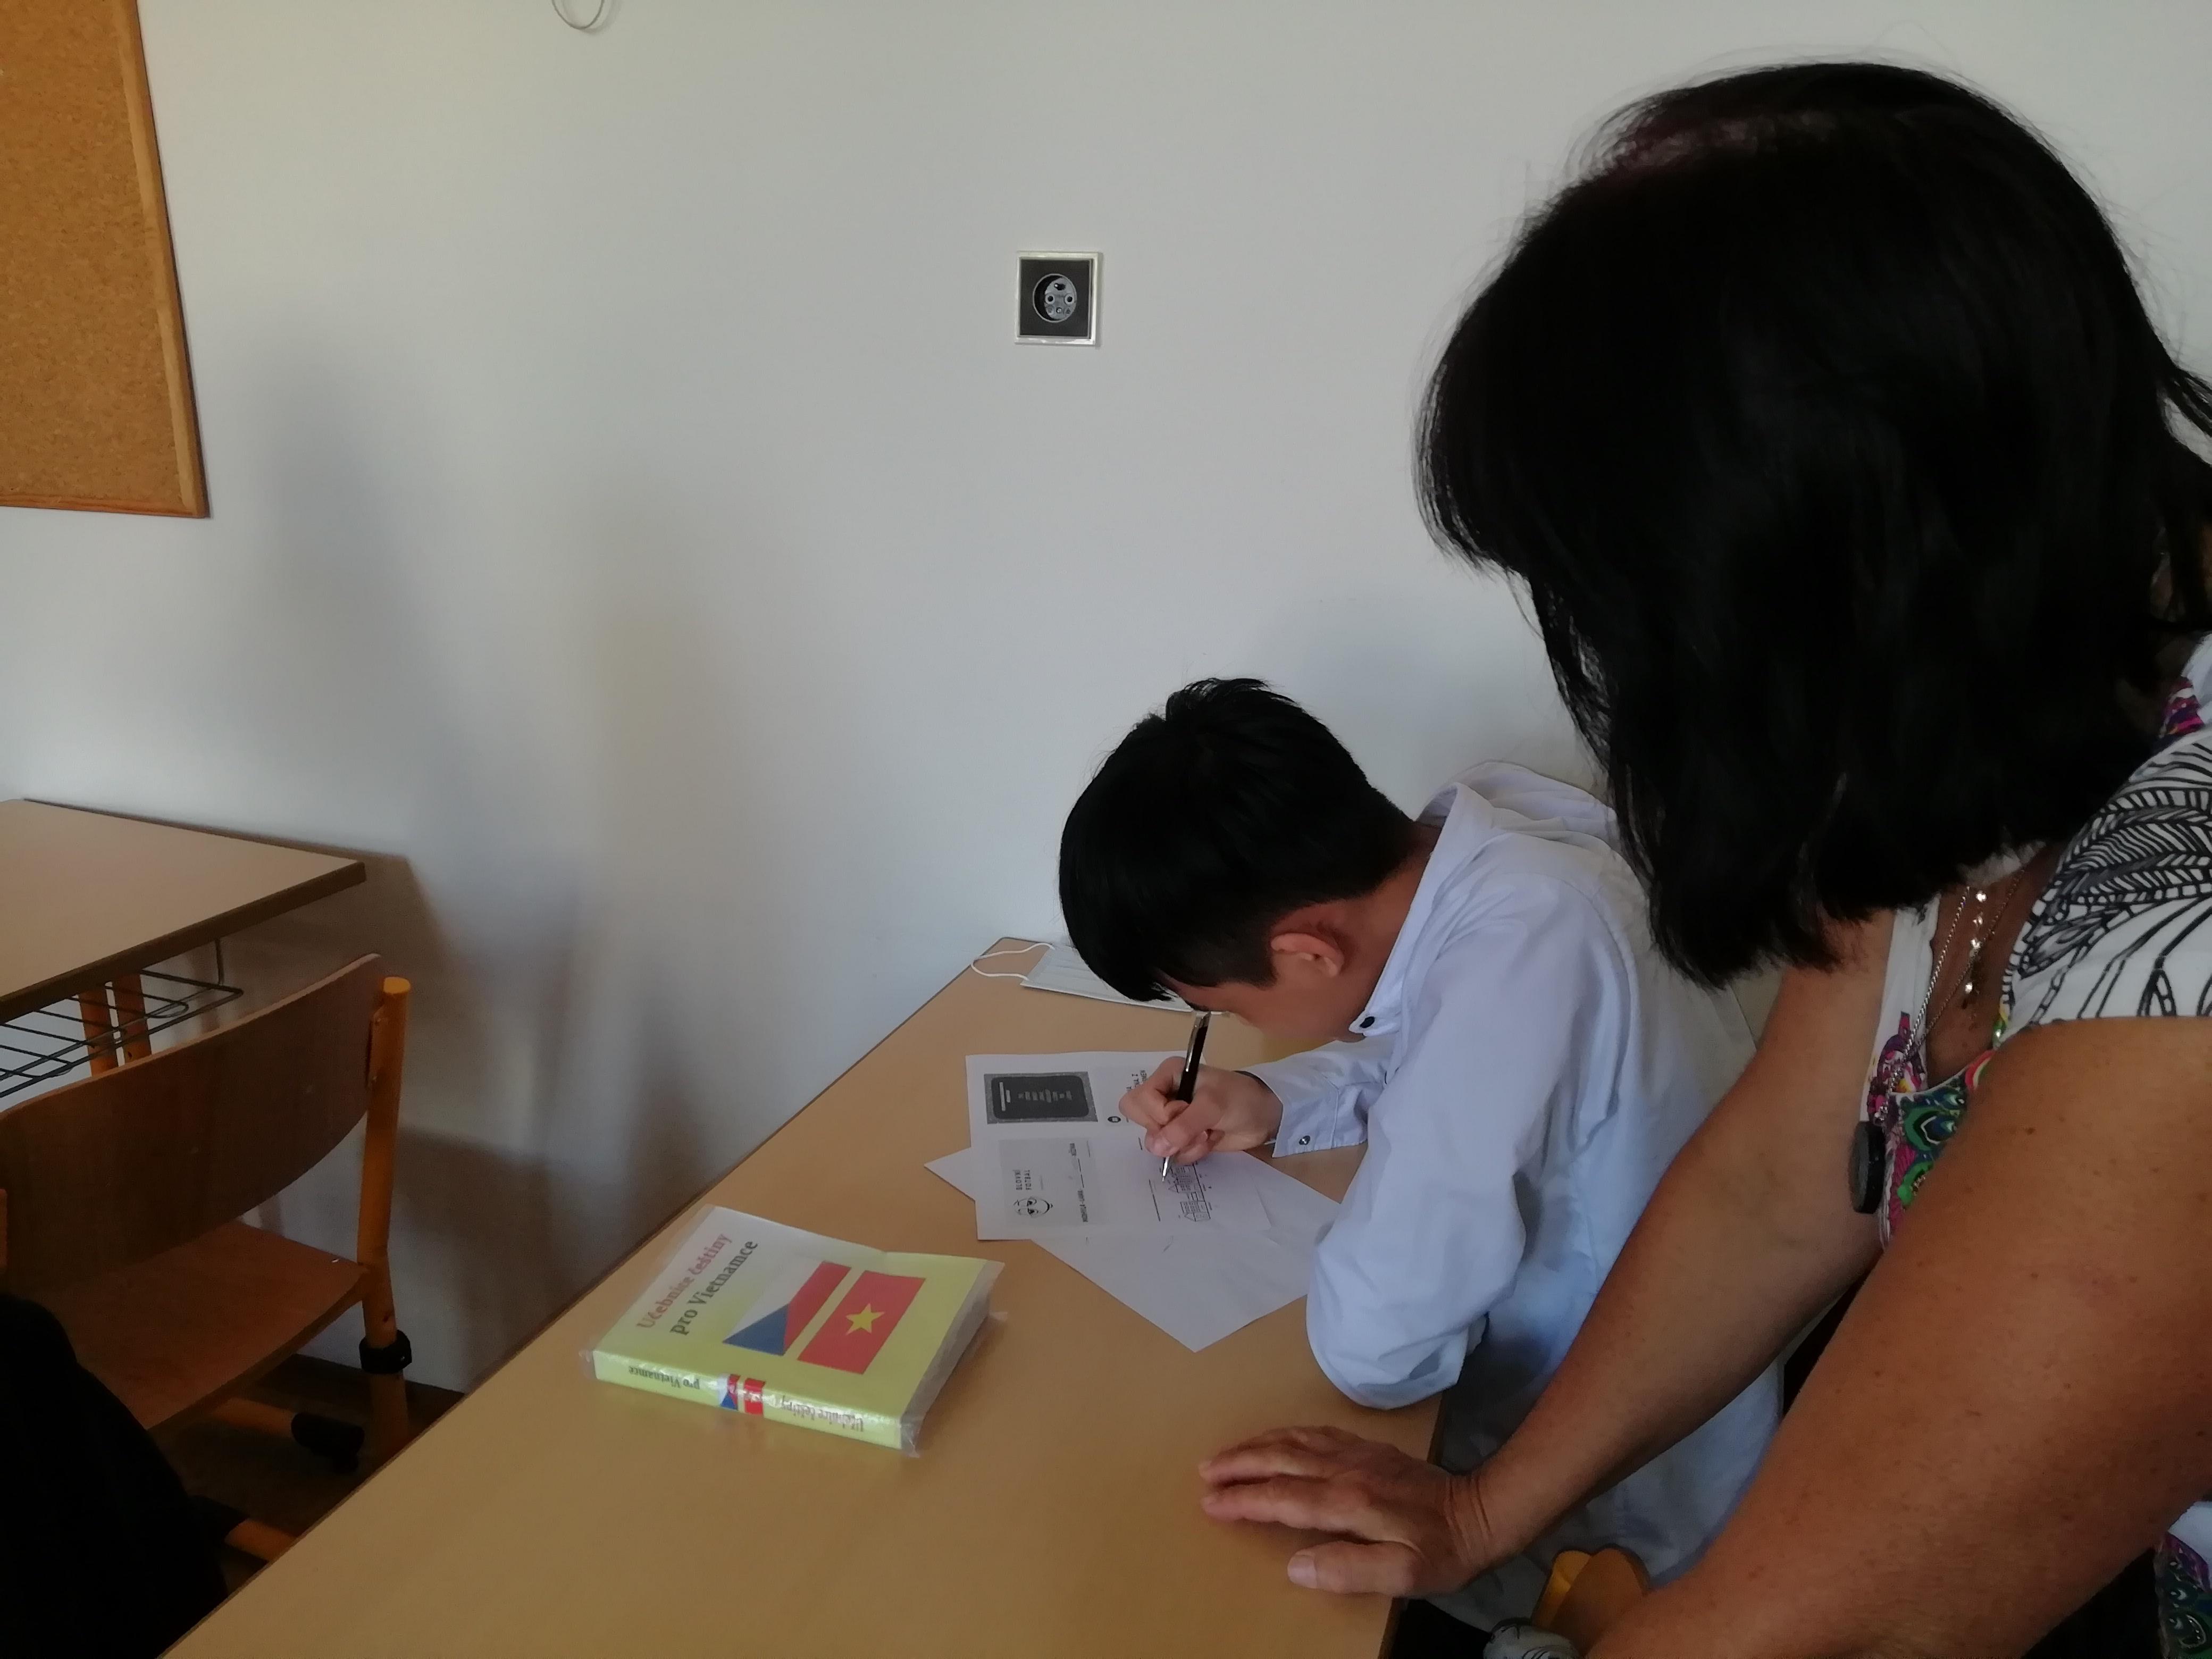 Obr. 3: Adaptační koordinátorka při výuce českého jazyka pracuje se žákem, jehož mateřským jazykem je vietnamština. Základní škola Křížová vJihlavě.